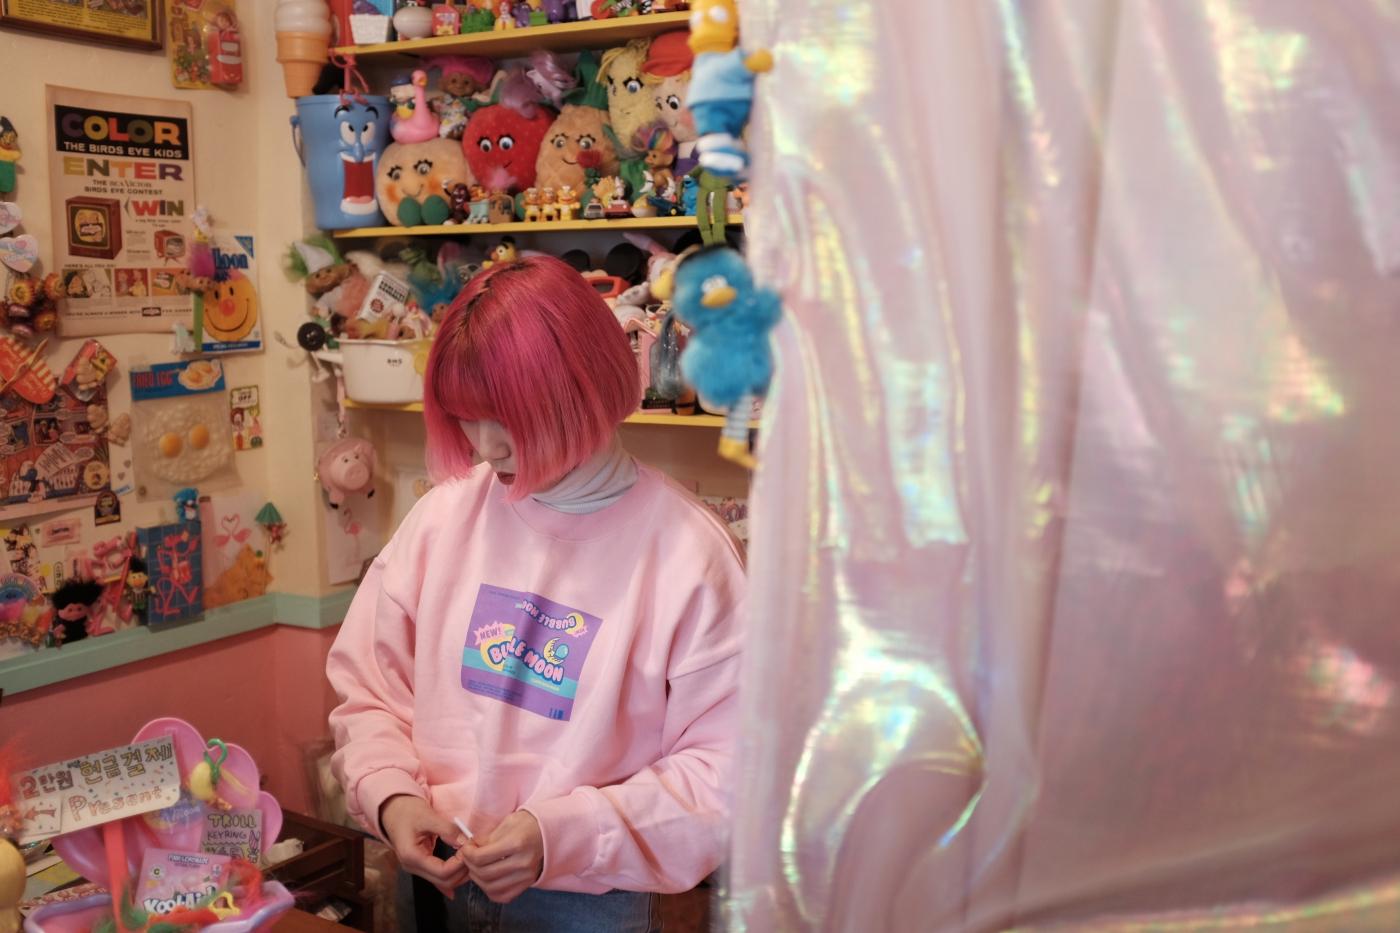 La tienda Neon Moon, en Yeonnam-dong